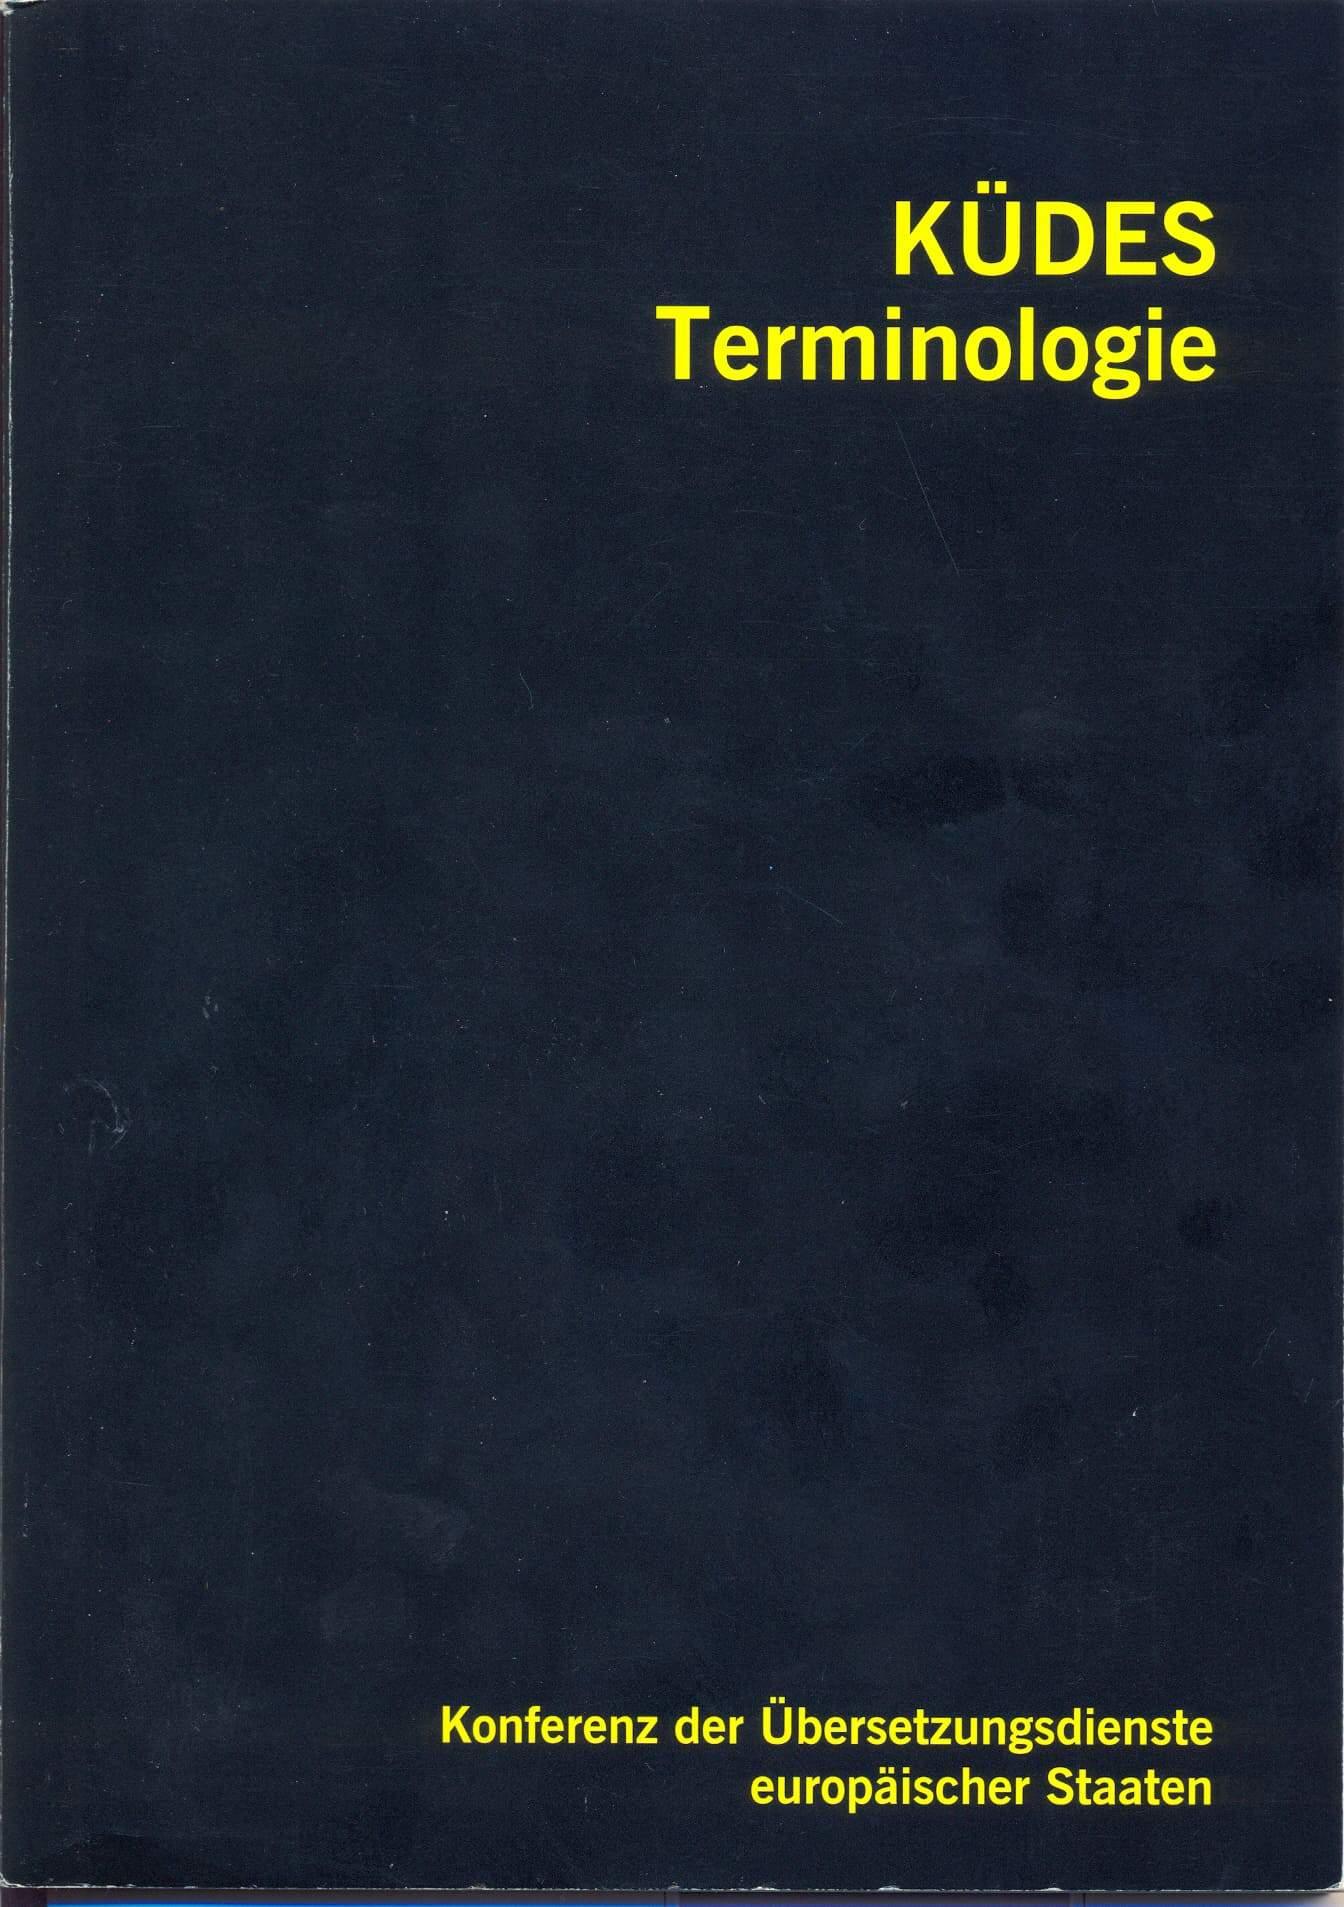 Empfehlungen für die Terminologiearbeit